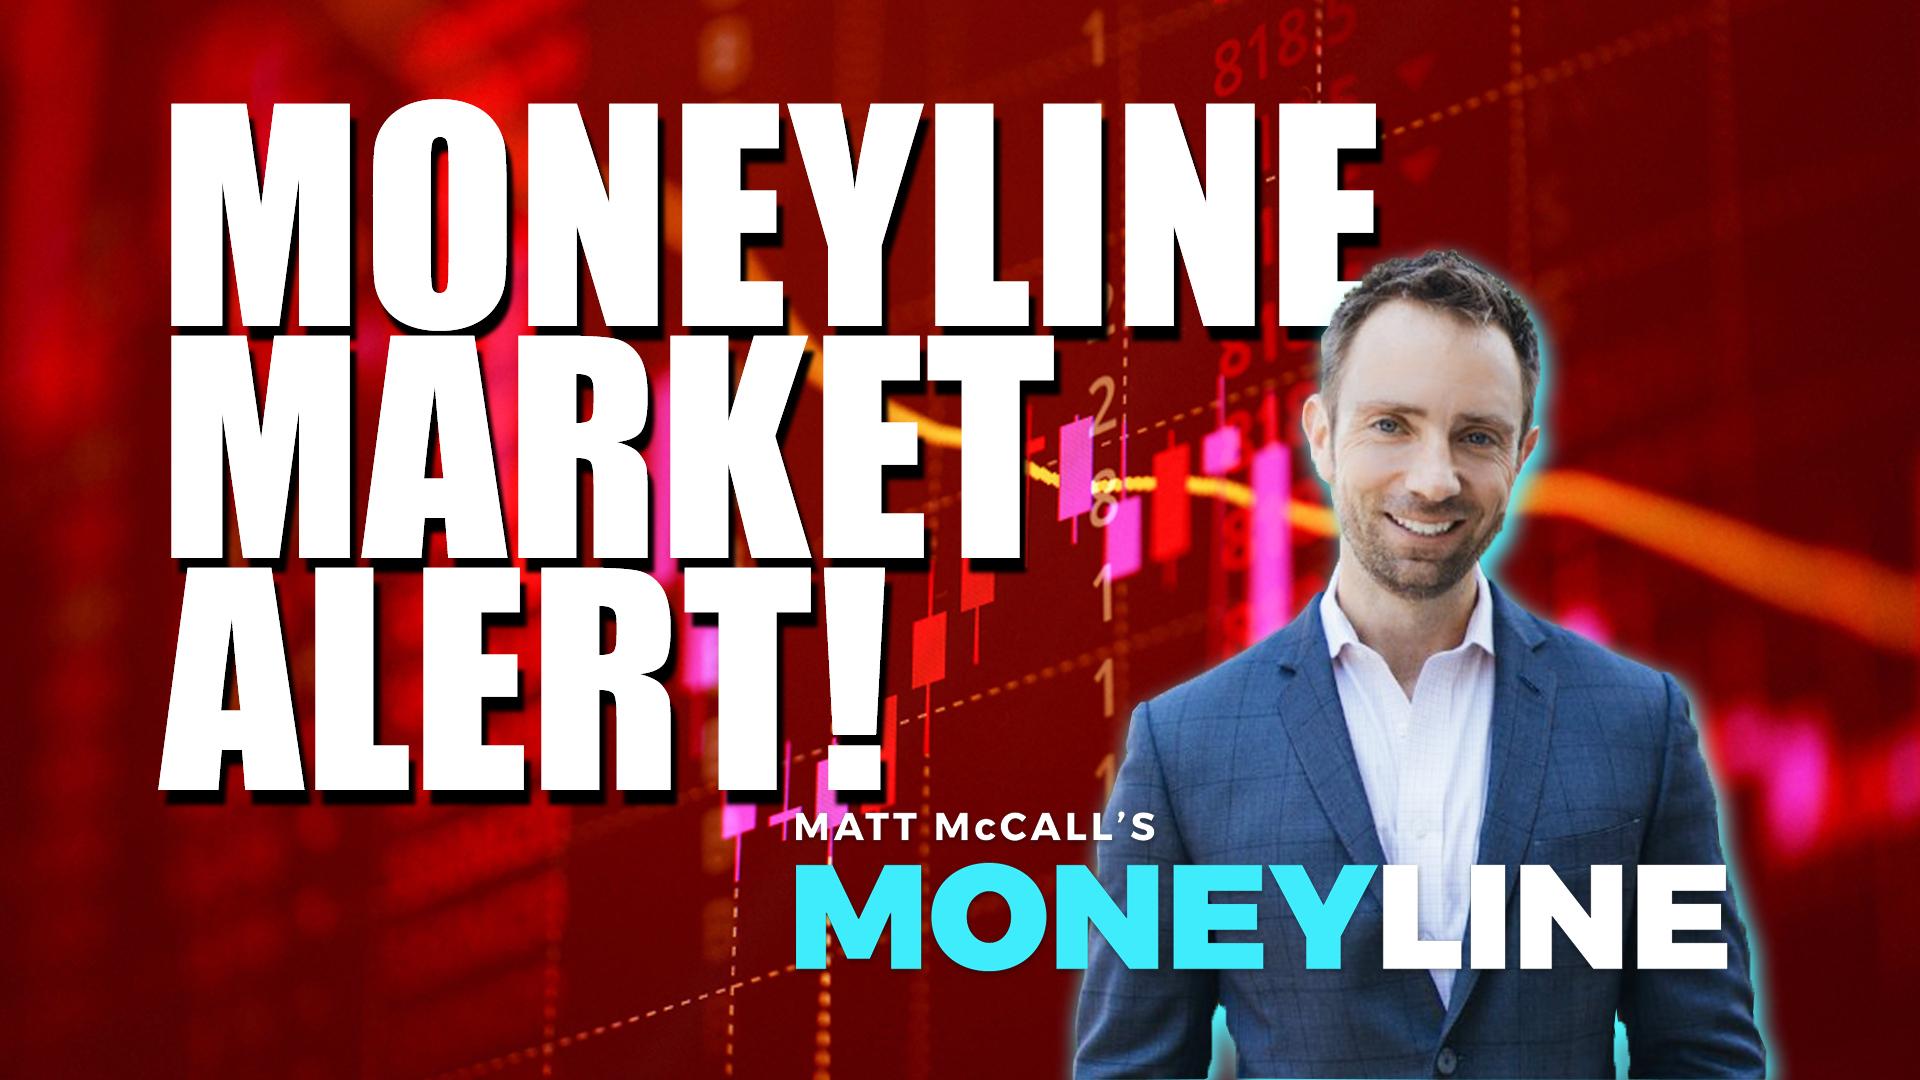 Matt McCall's Moneyline: Moneyline Market Alert!